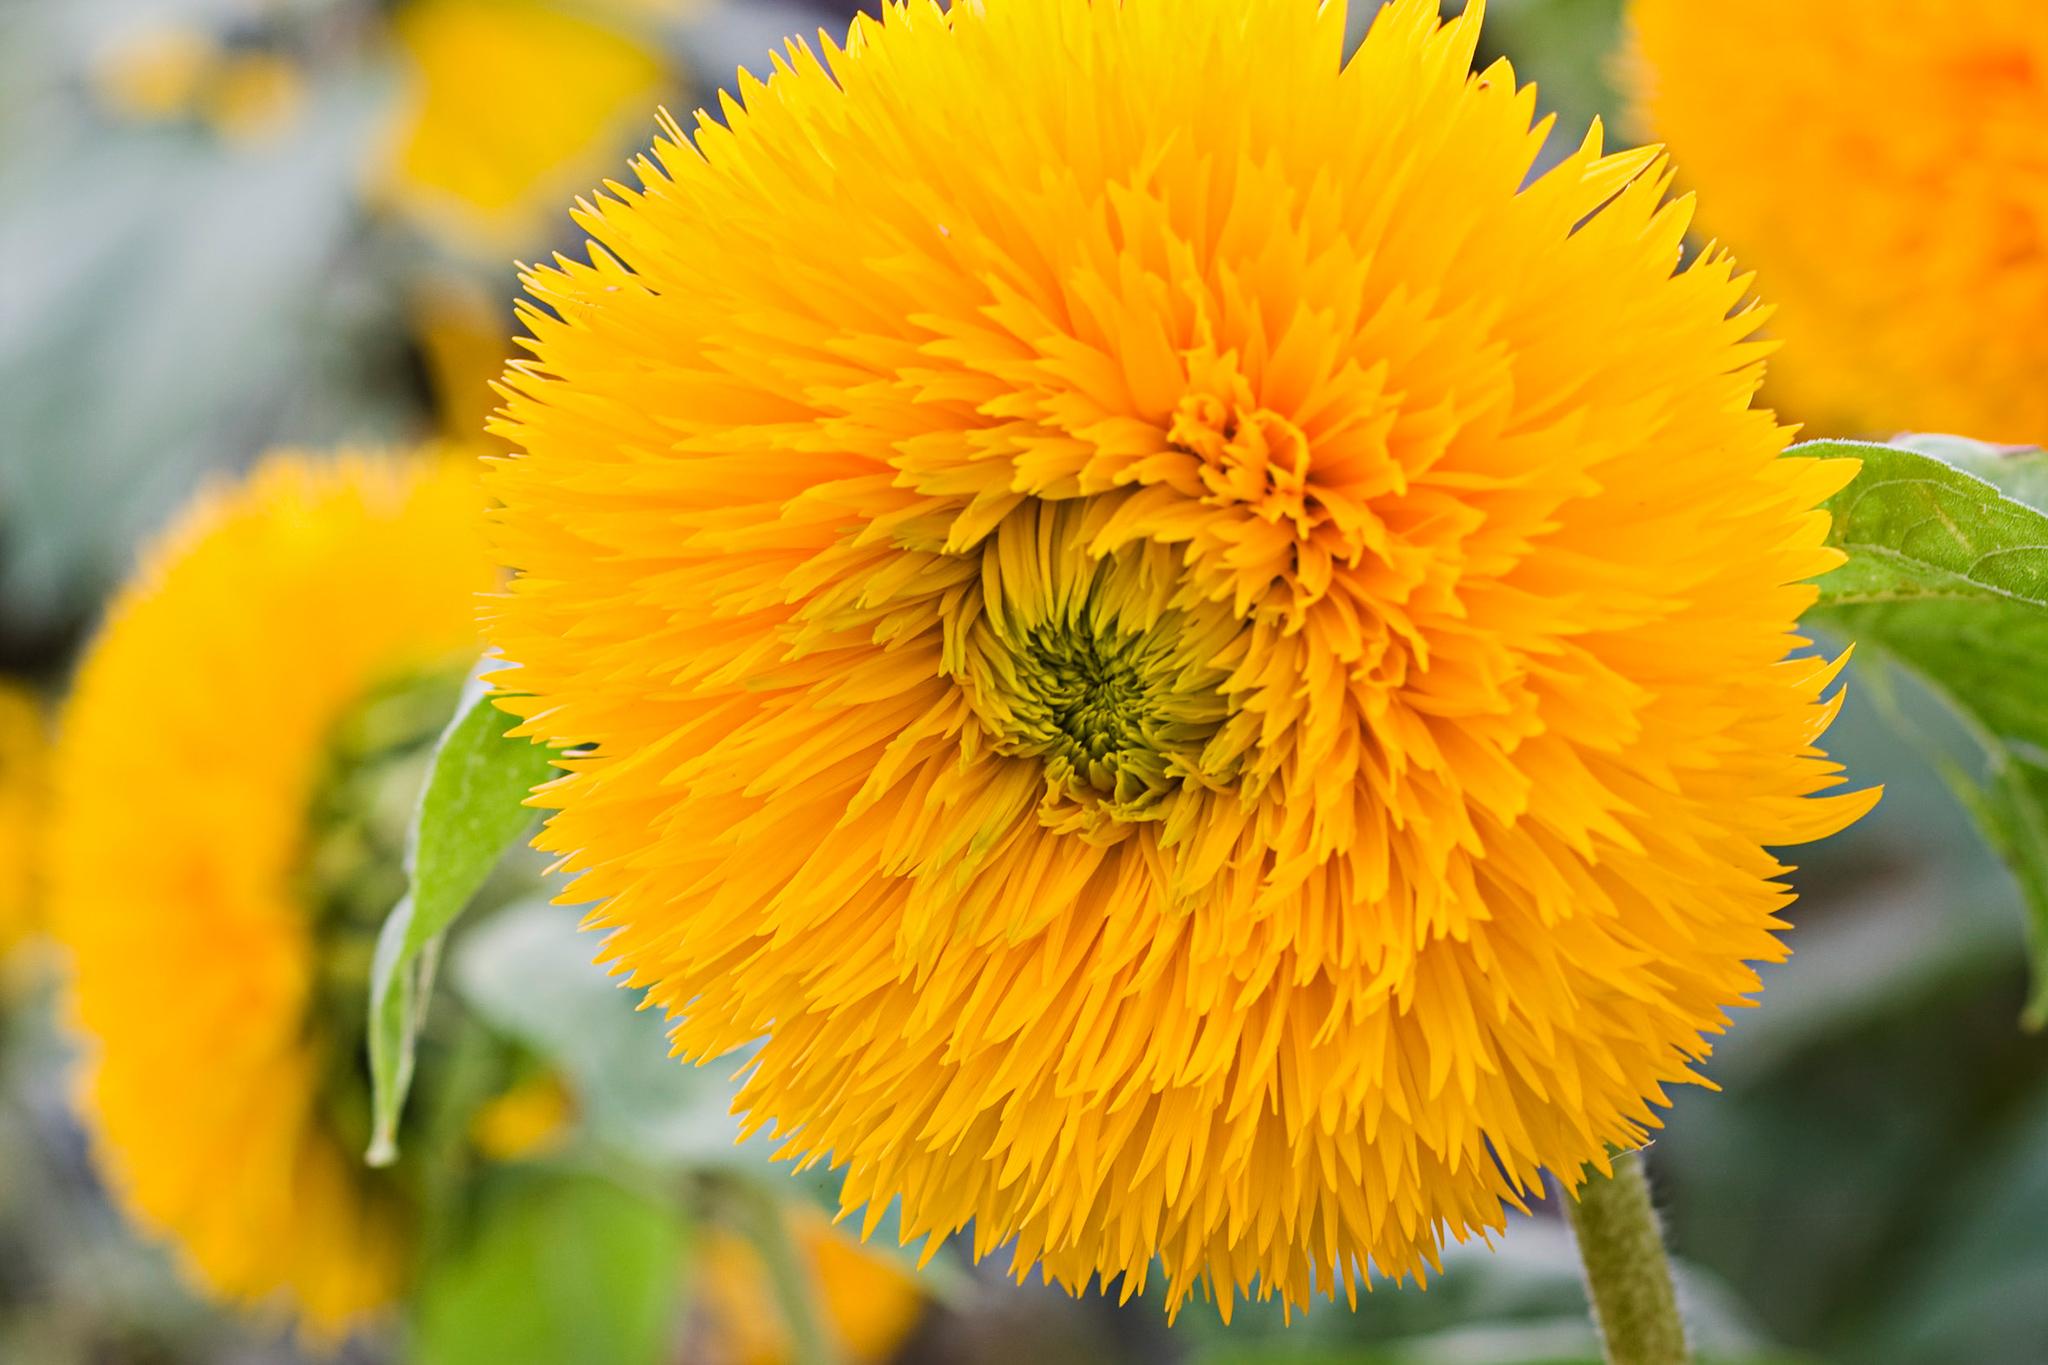 Unusual Sunflowers to Grow